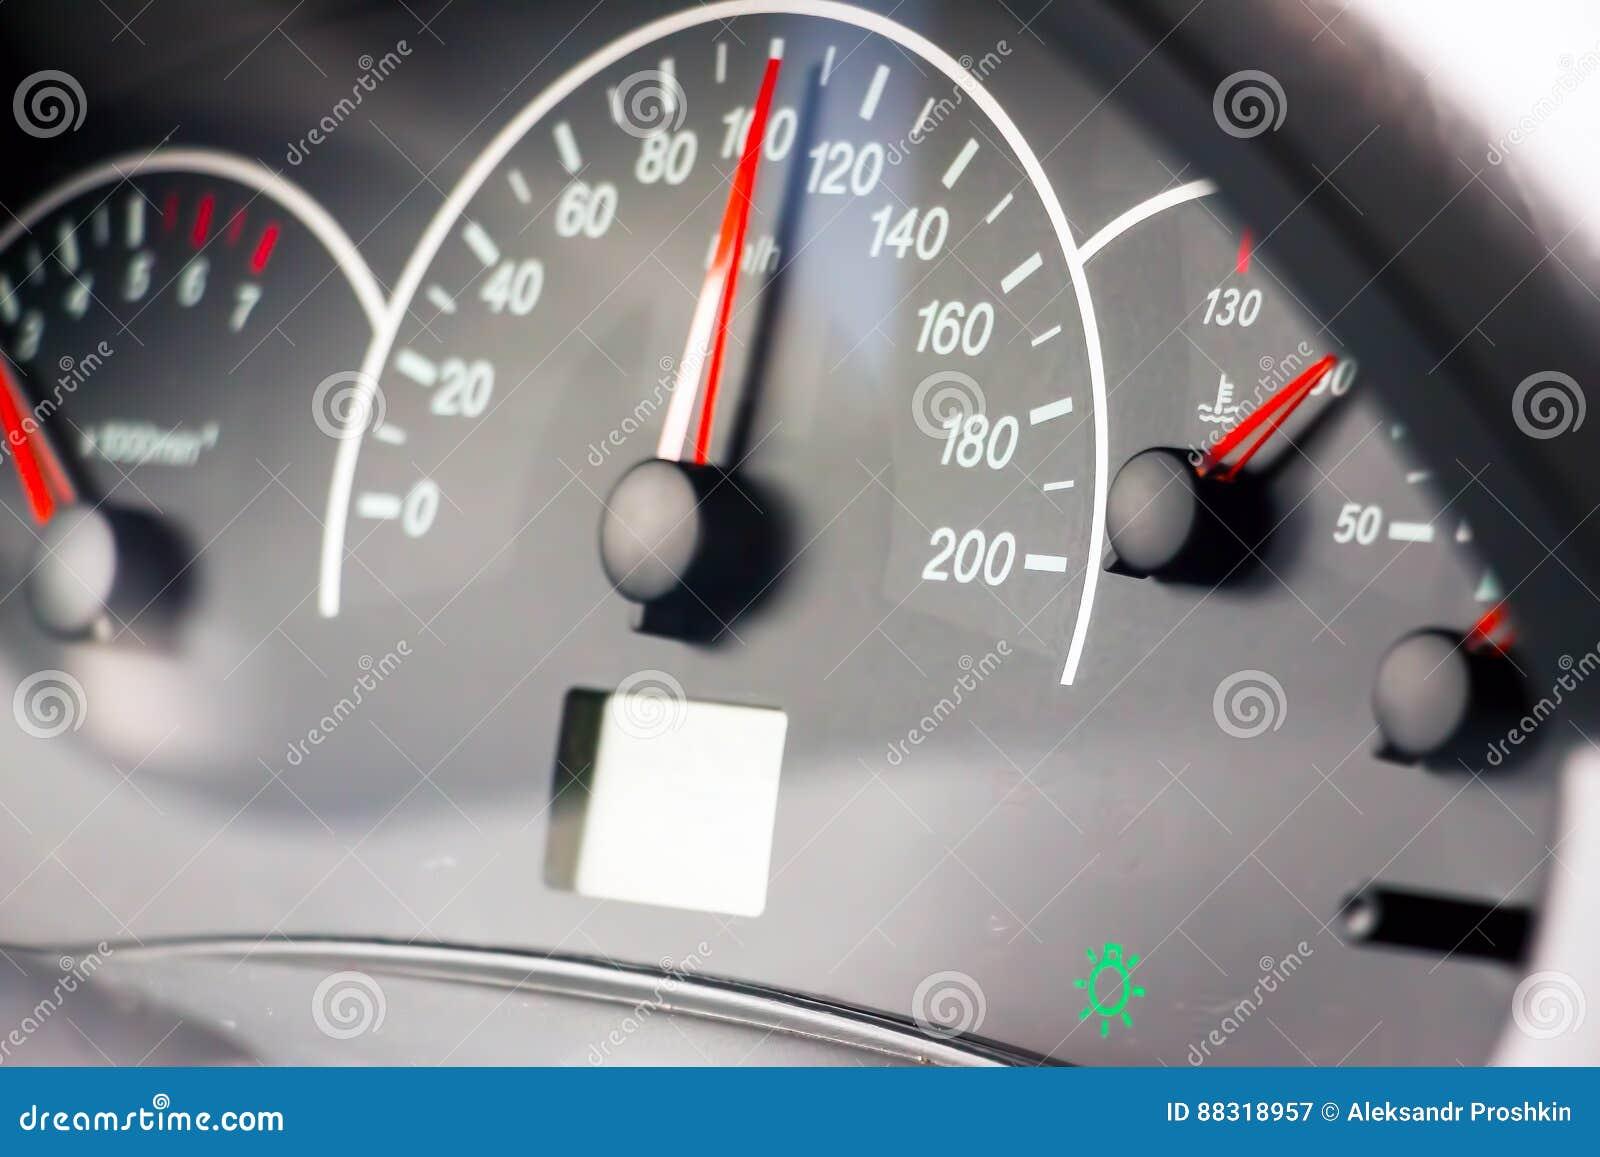 Foto des Geschwindigkeitsmessers